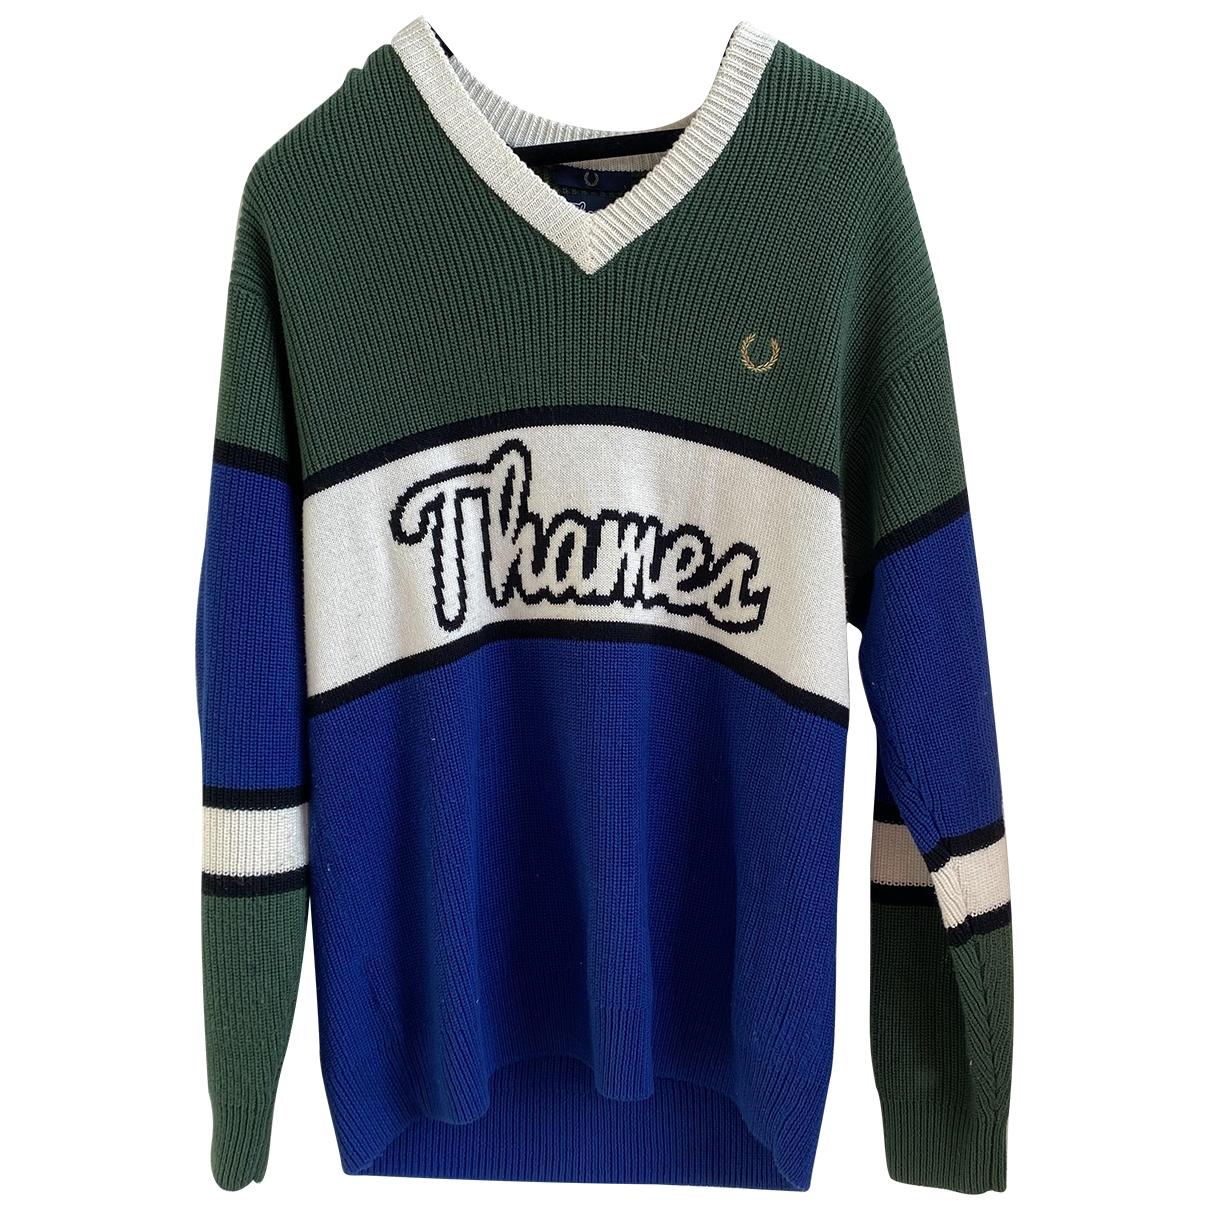 Thames London - Pulls.Gilets.Sweats   pour homme en coton - multicolore